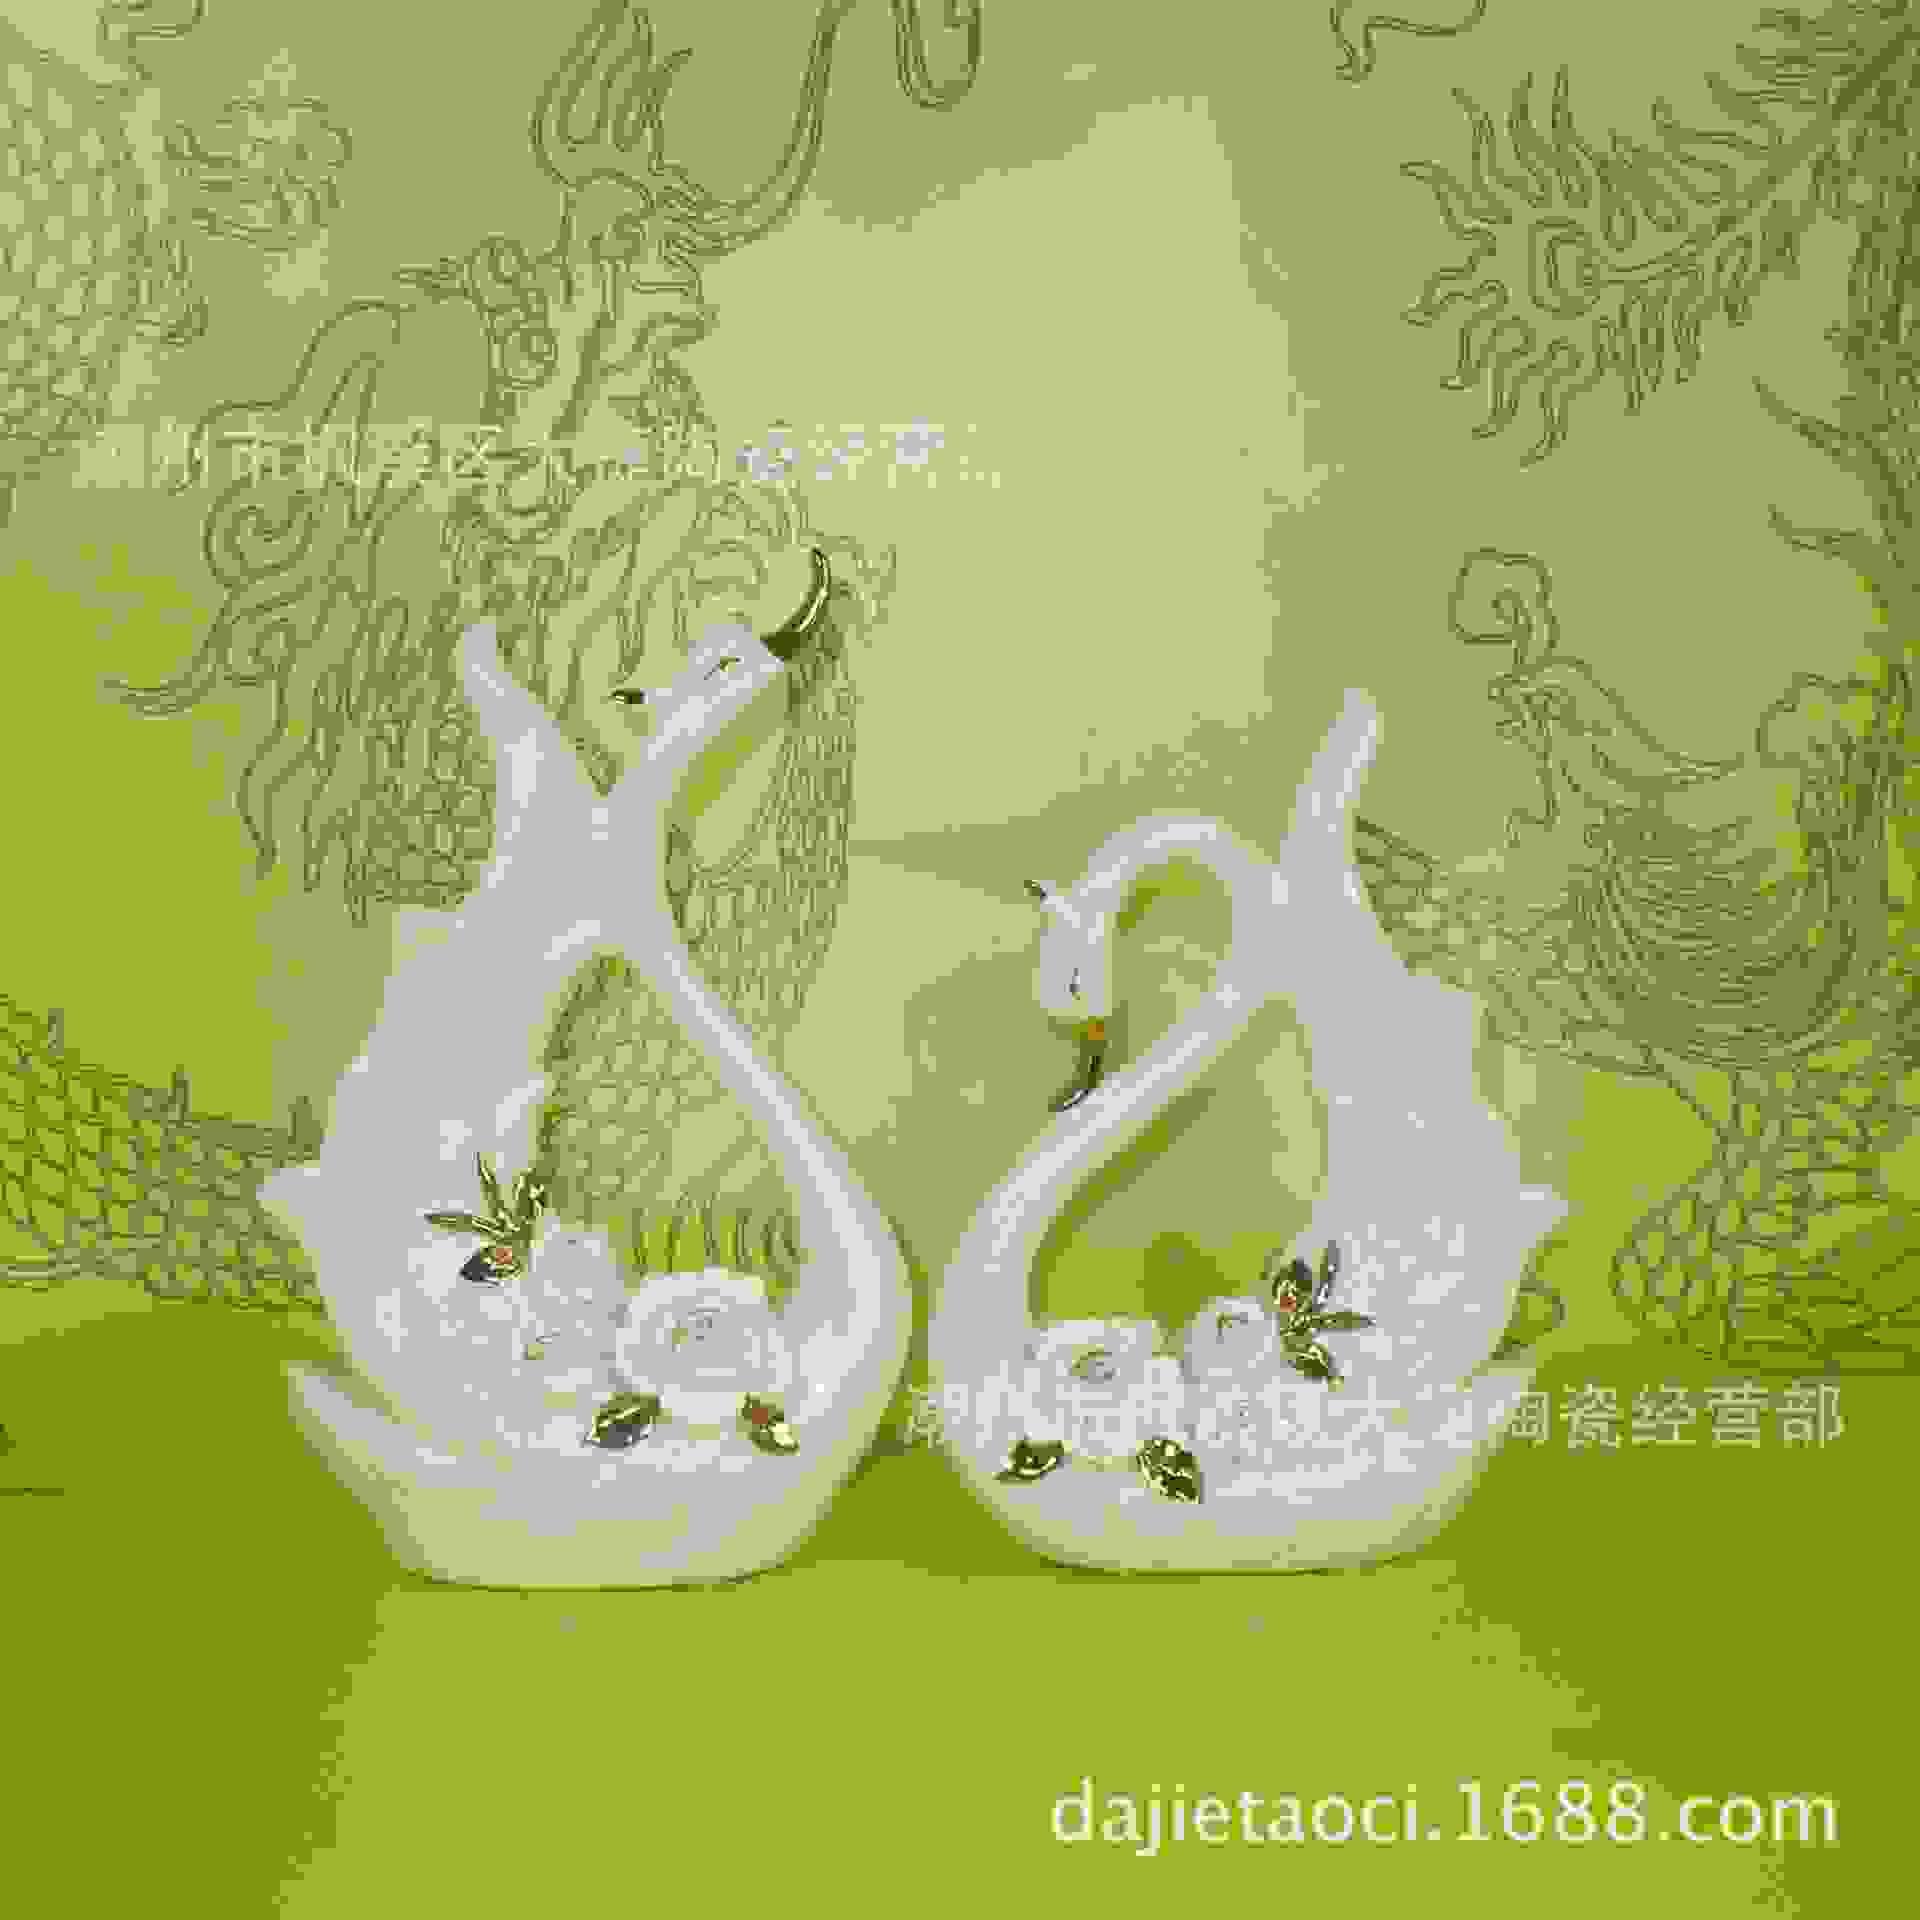 陶瓷描金天鹅工艺品结婚礼品家居创意饰品客厅电视柜摆件洒柜摆设